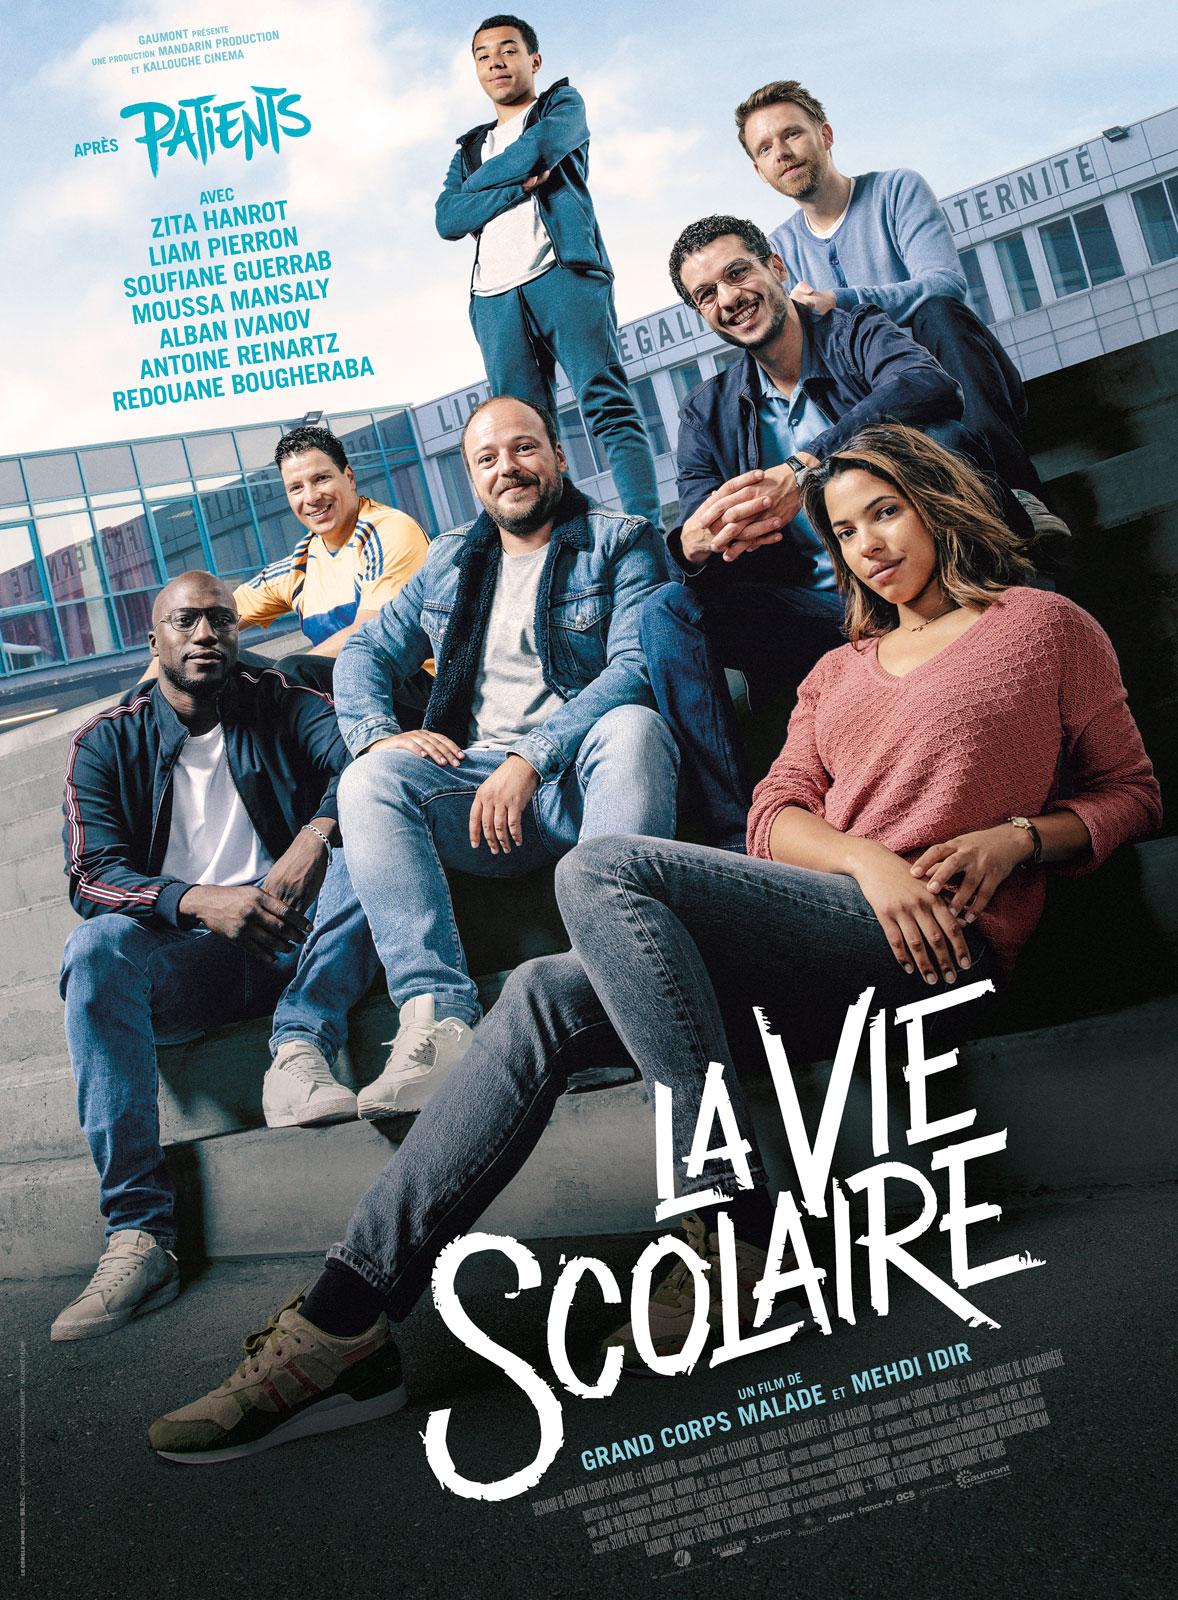 Achat La Vie scolaire en DVD - AlloCiné